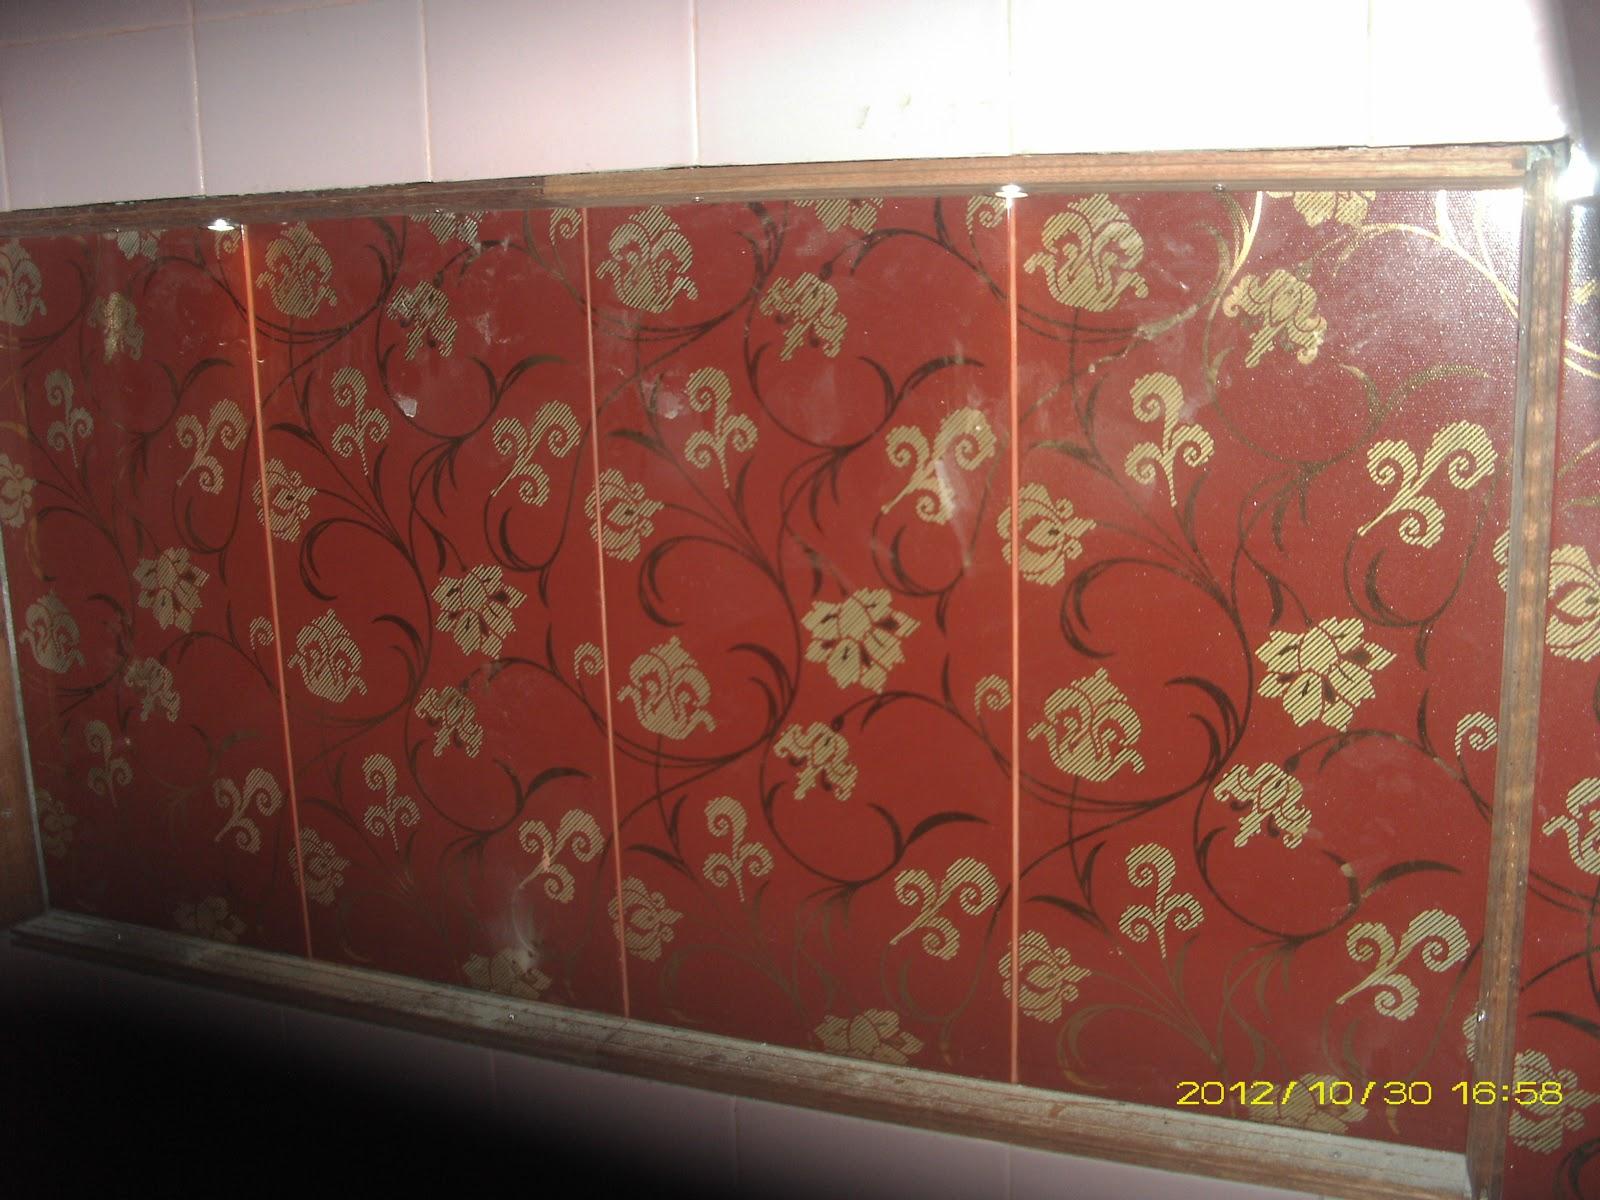 foto kamar mandi dengan keramik roman belleza warna maroon